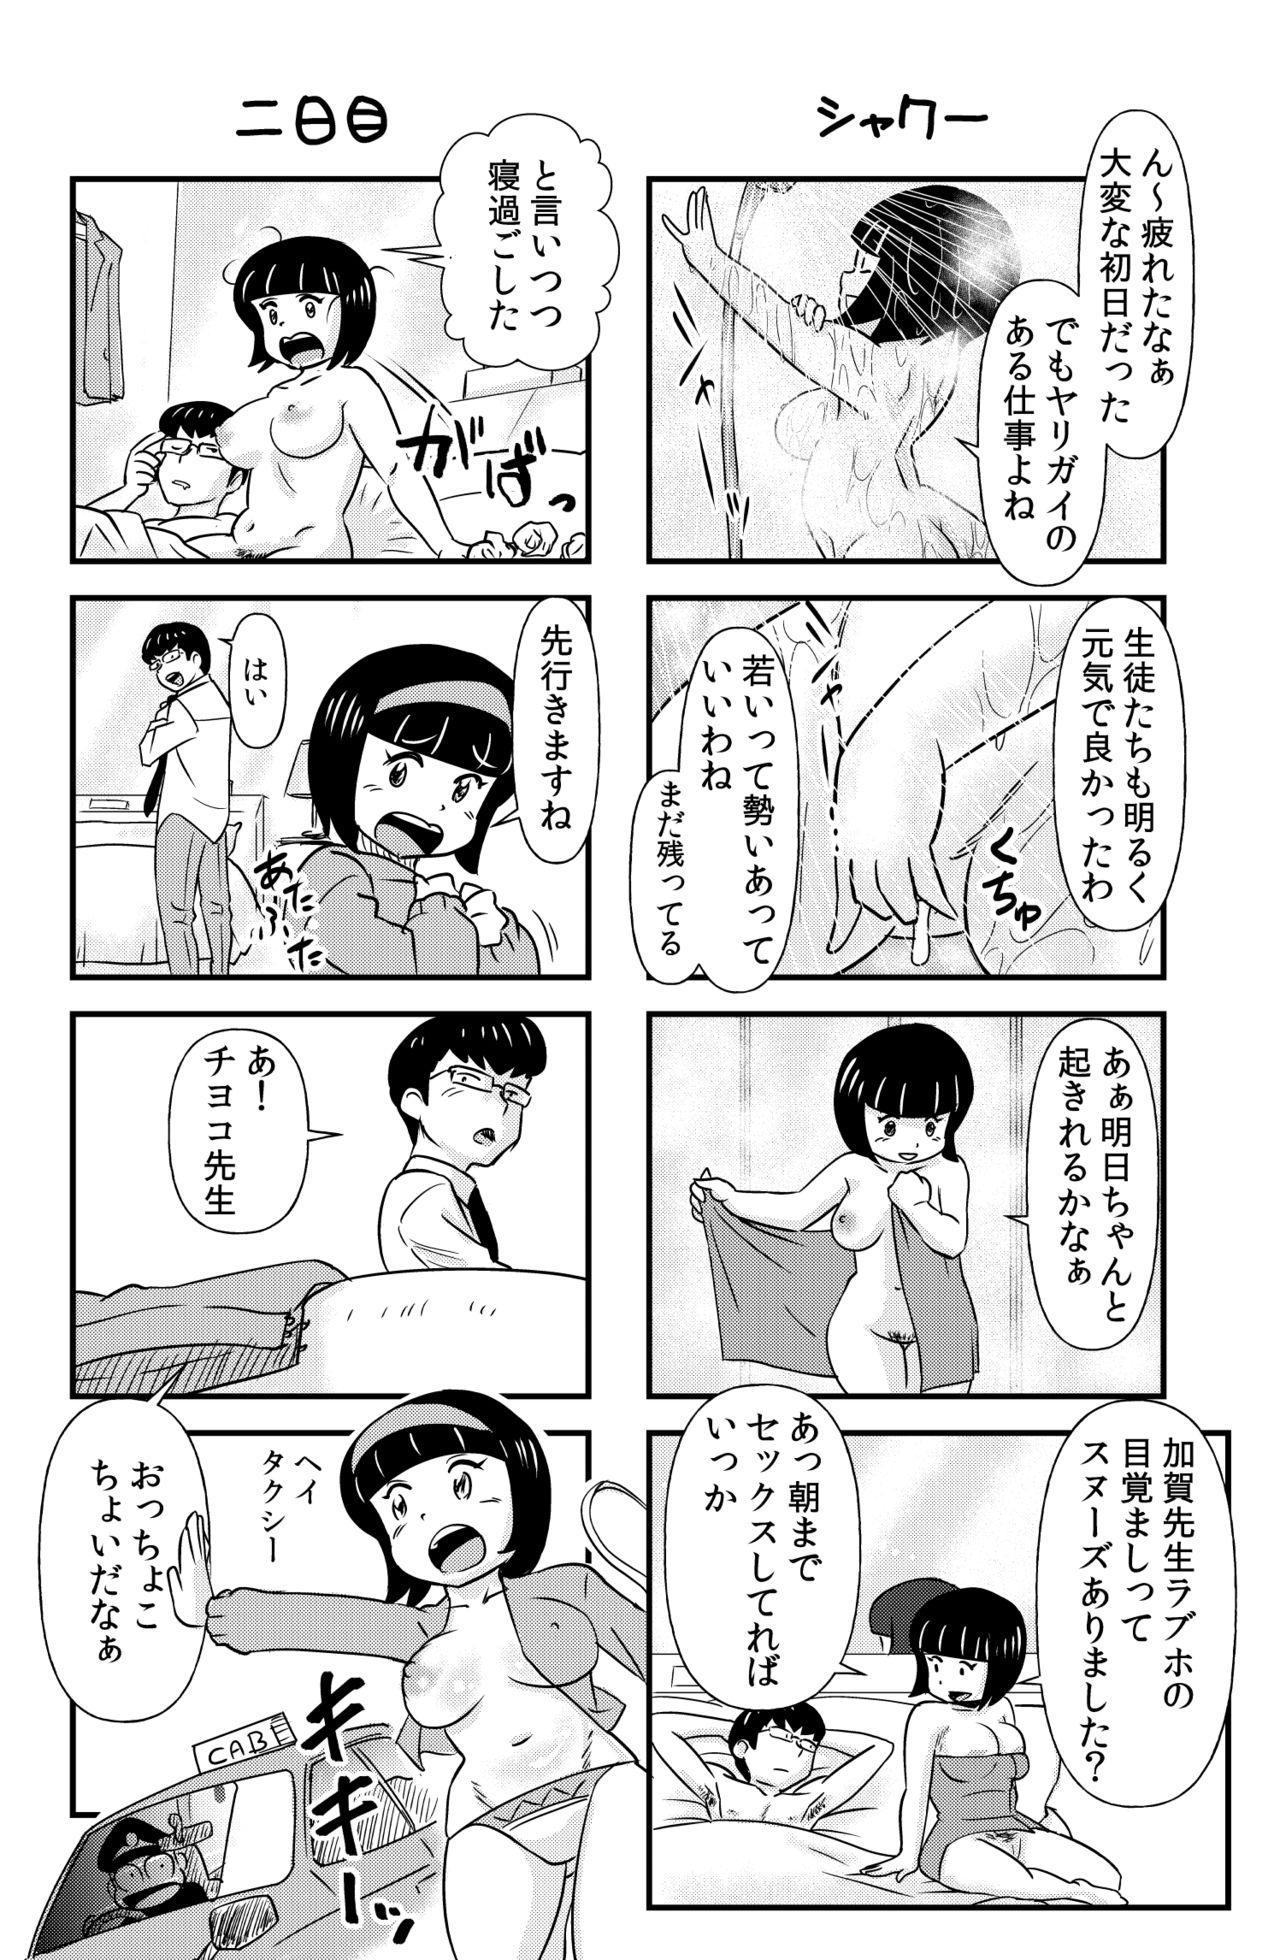 おっちょこチヨコ先生 5